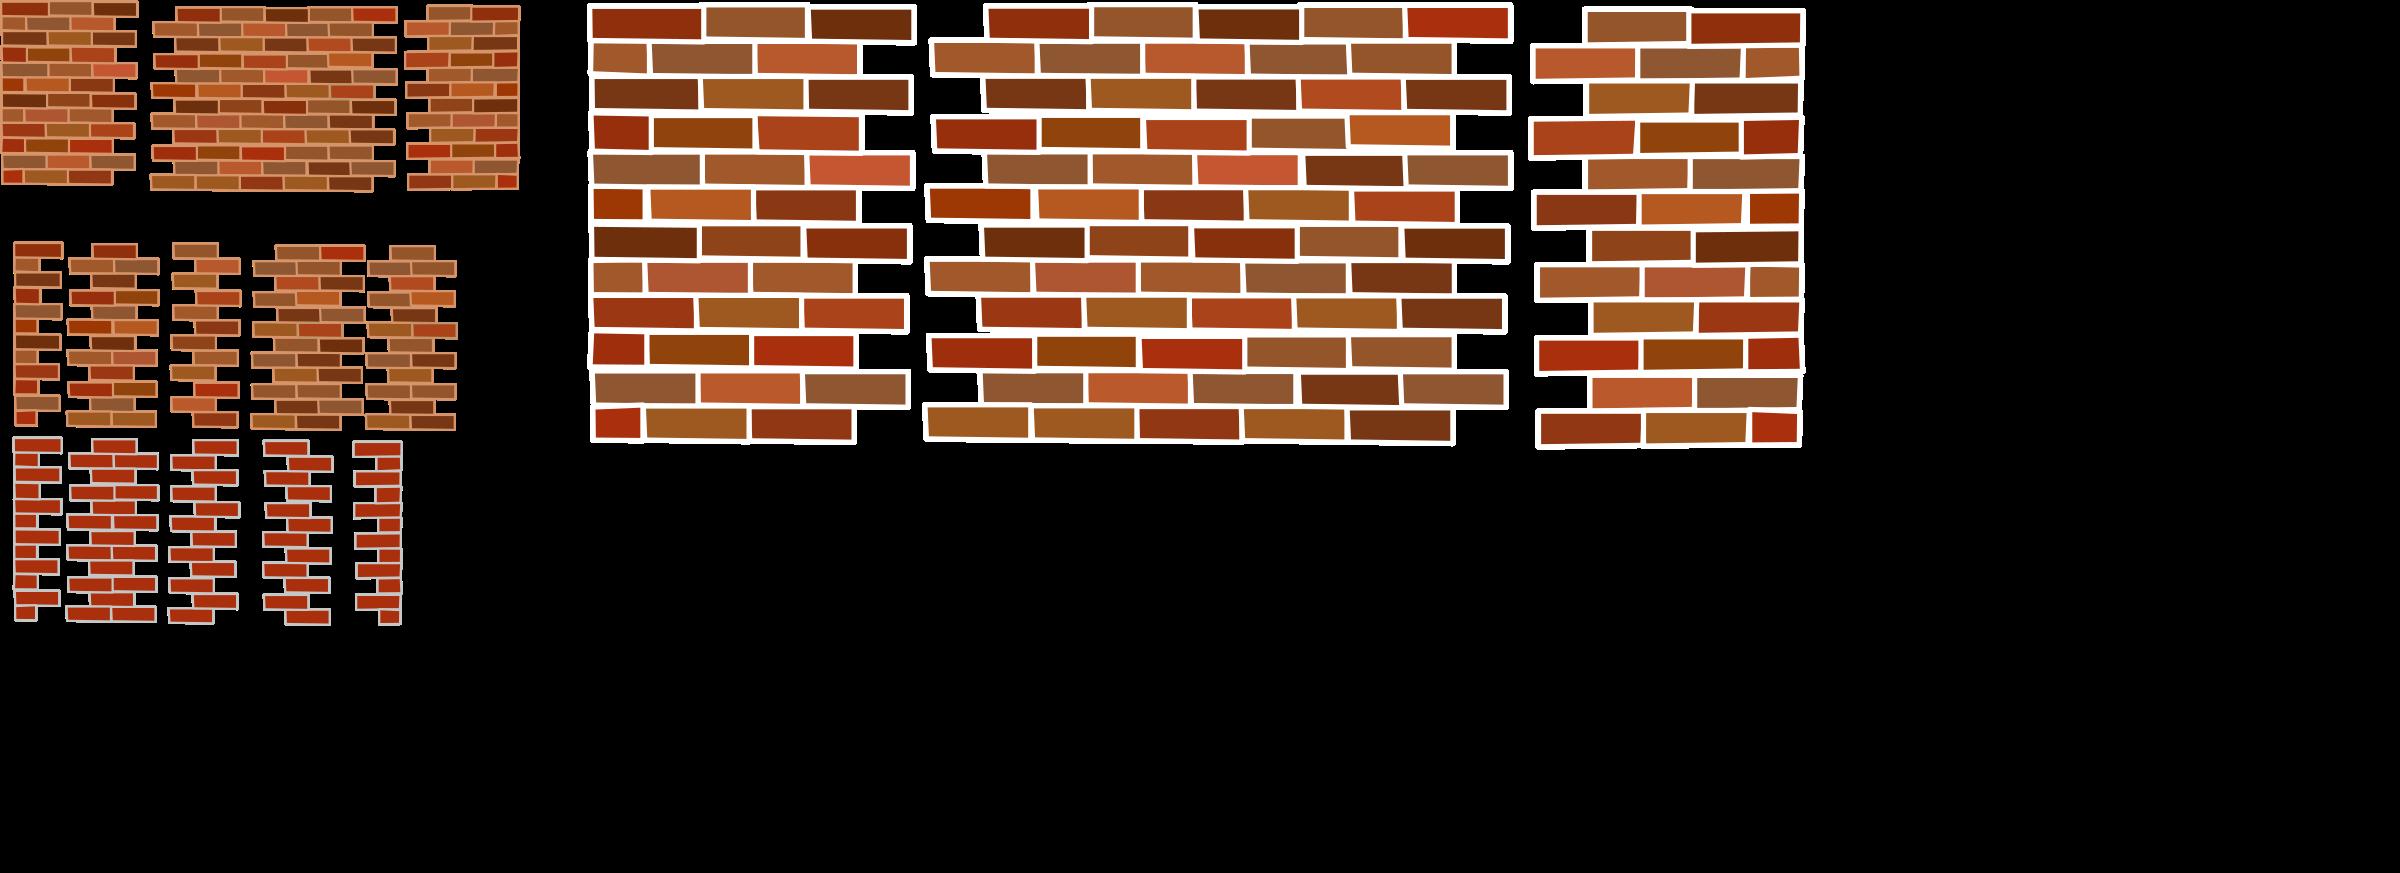 Fantastic brick clip art. Nails clipart wall clipart